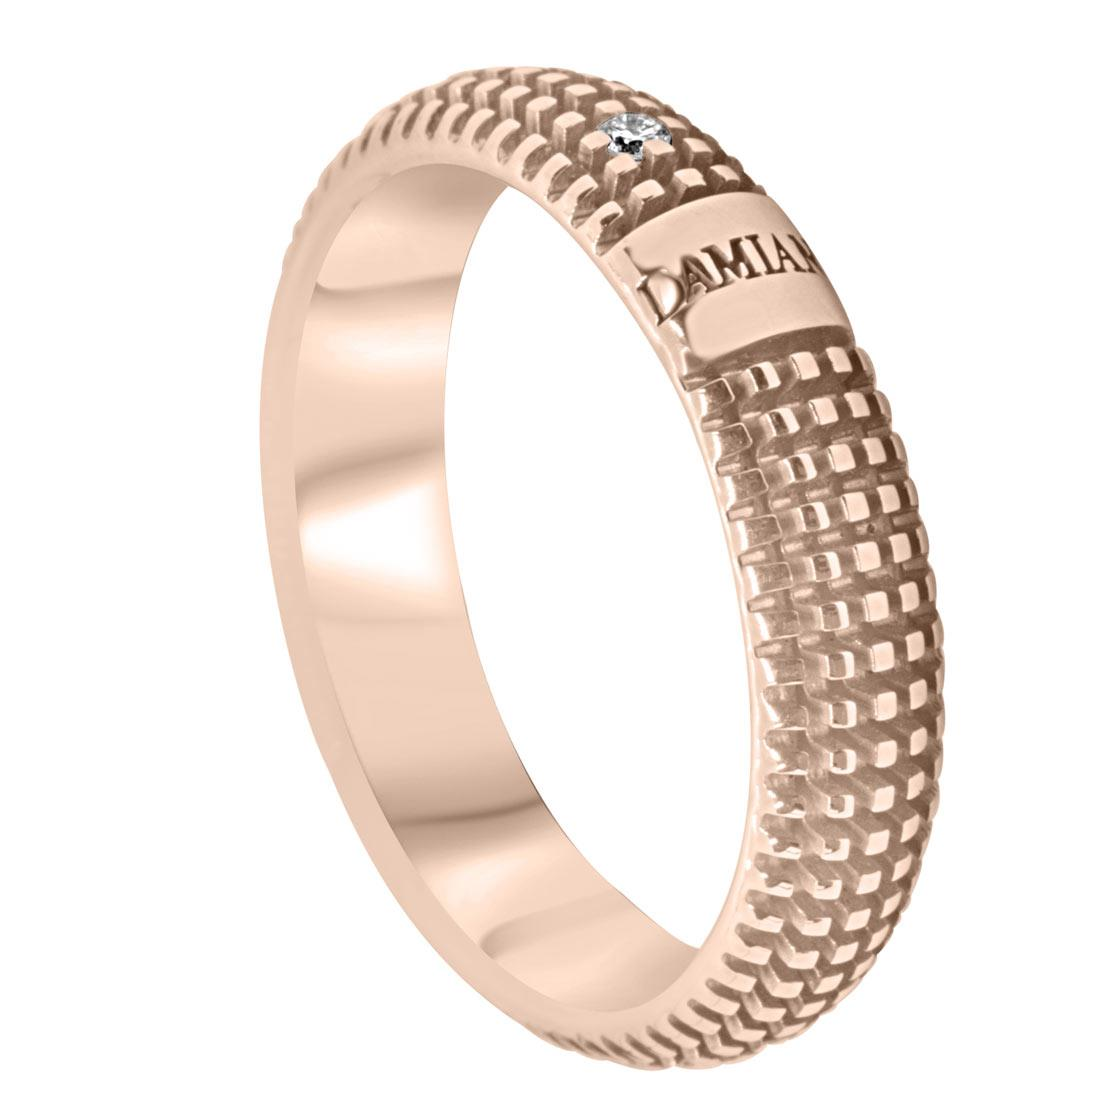 Anello Damiani Metropolitan dream in oro rosa con diamanti ct 0,01 - DAMIANI